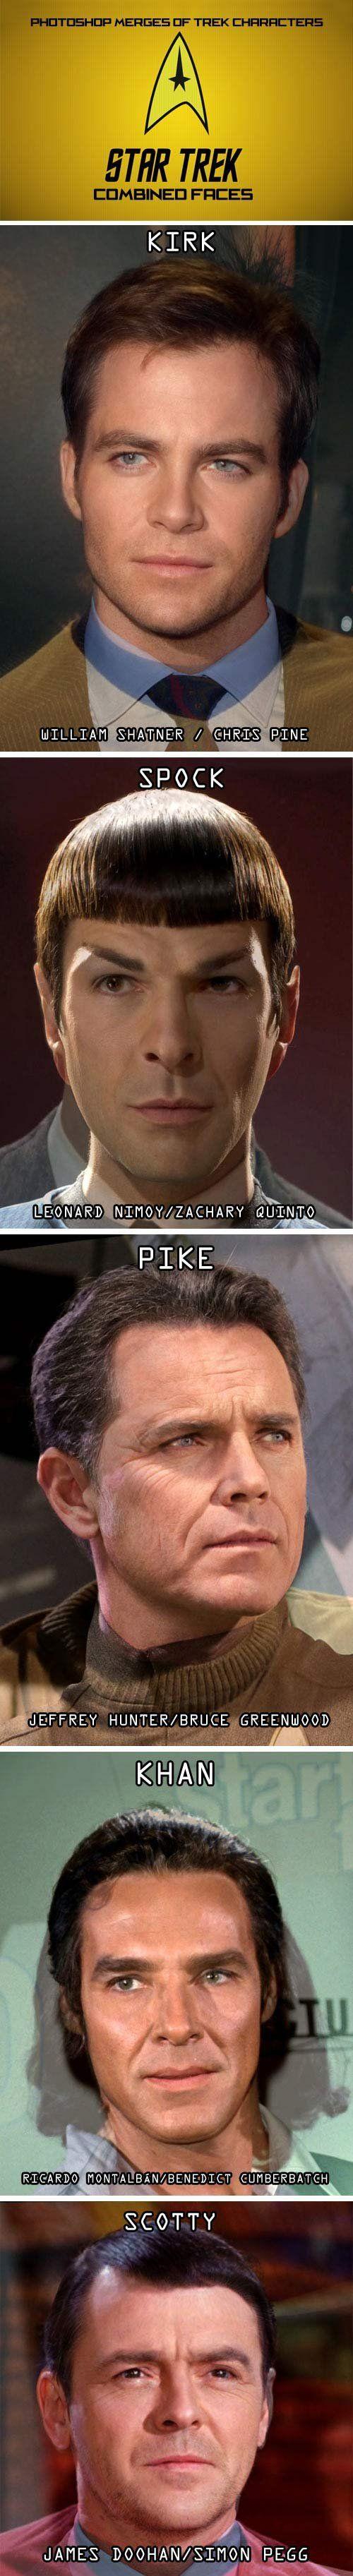 Star Trek actors past and present combined…